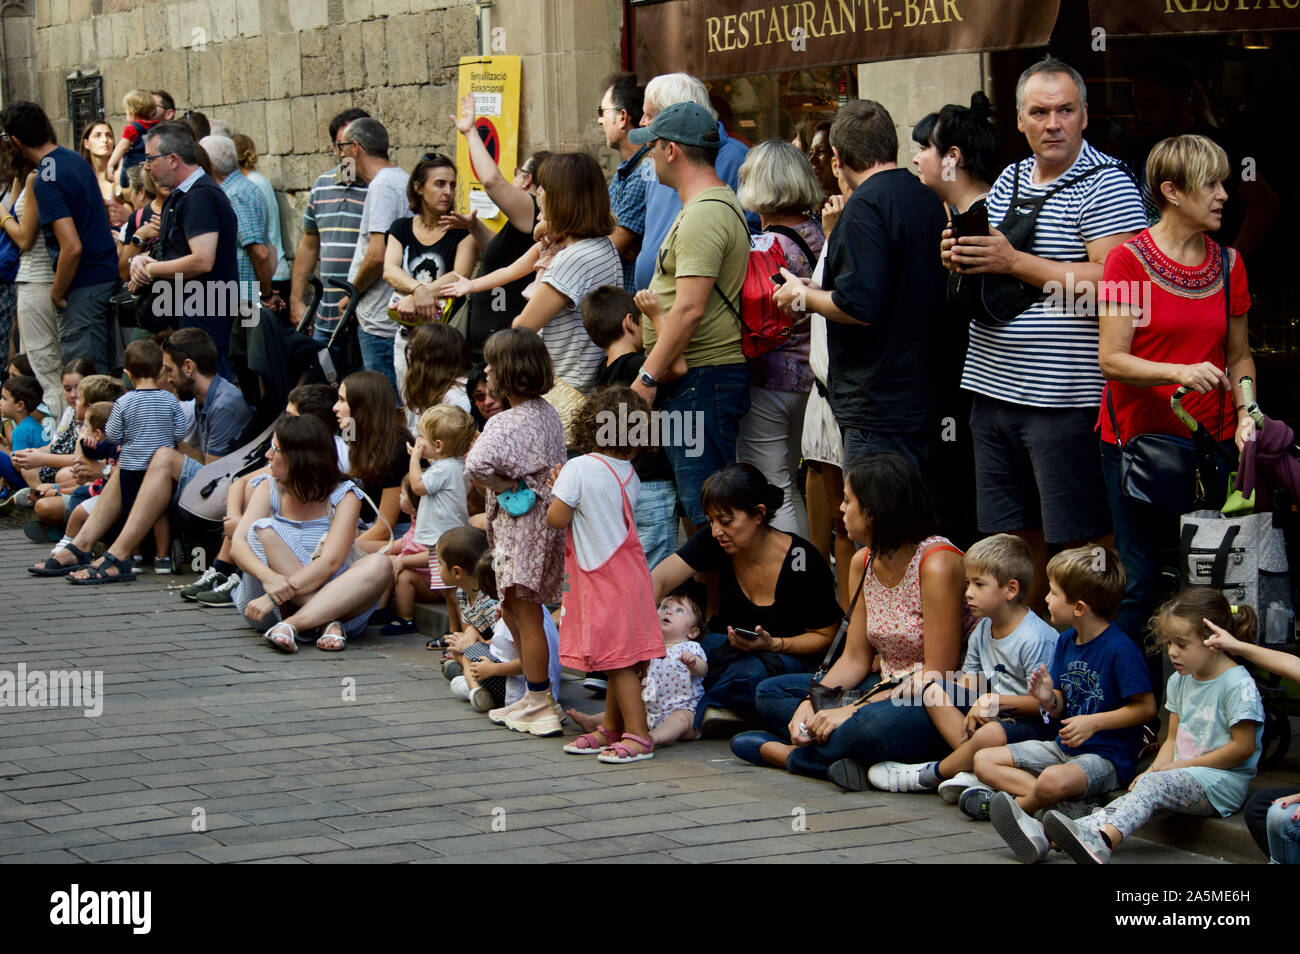 Les gens qui regardent les géants défilent lors du Festival 2019 La Merce à Plaça de Sant Jaume de Barcelone, Espagne Banque D'Images